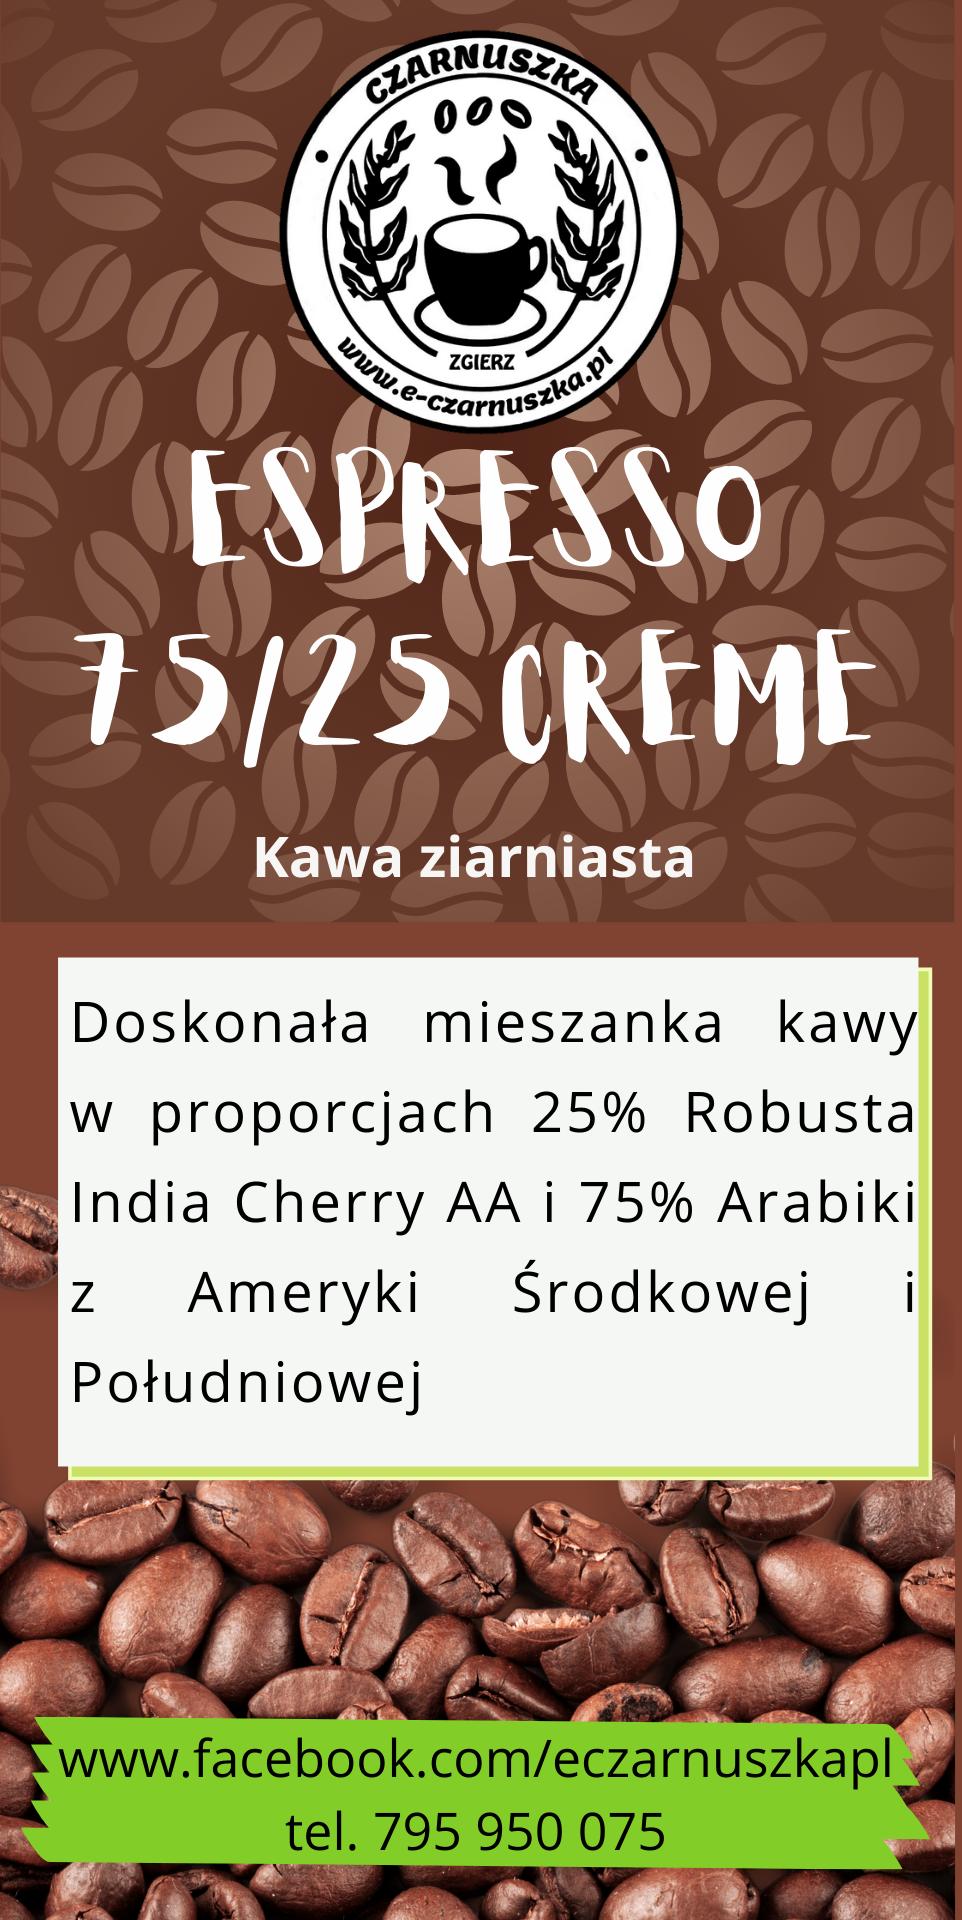 Espresso 75 25 CREME